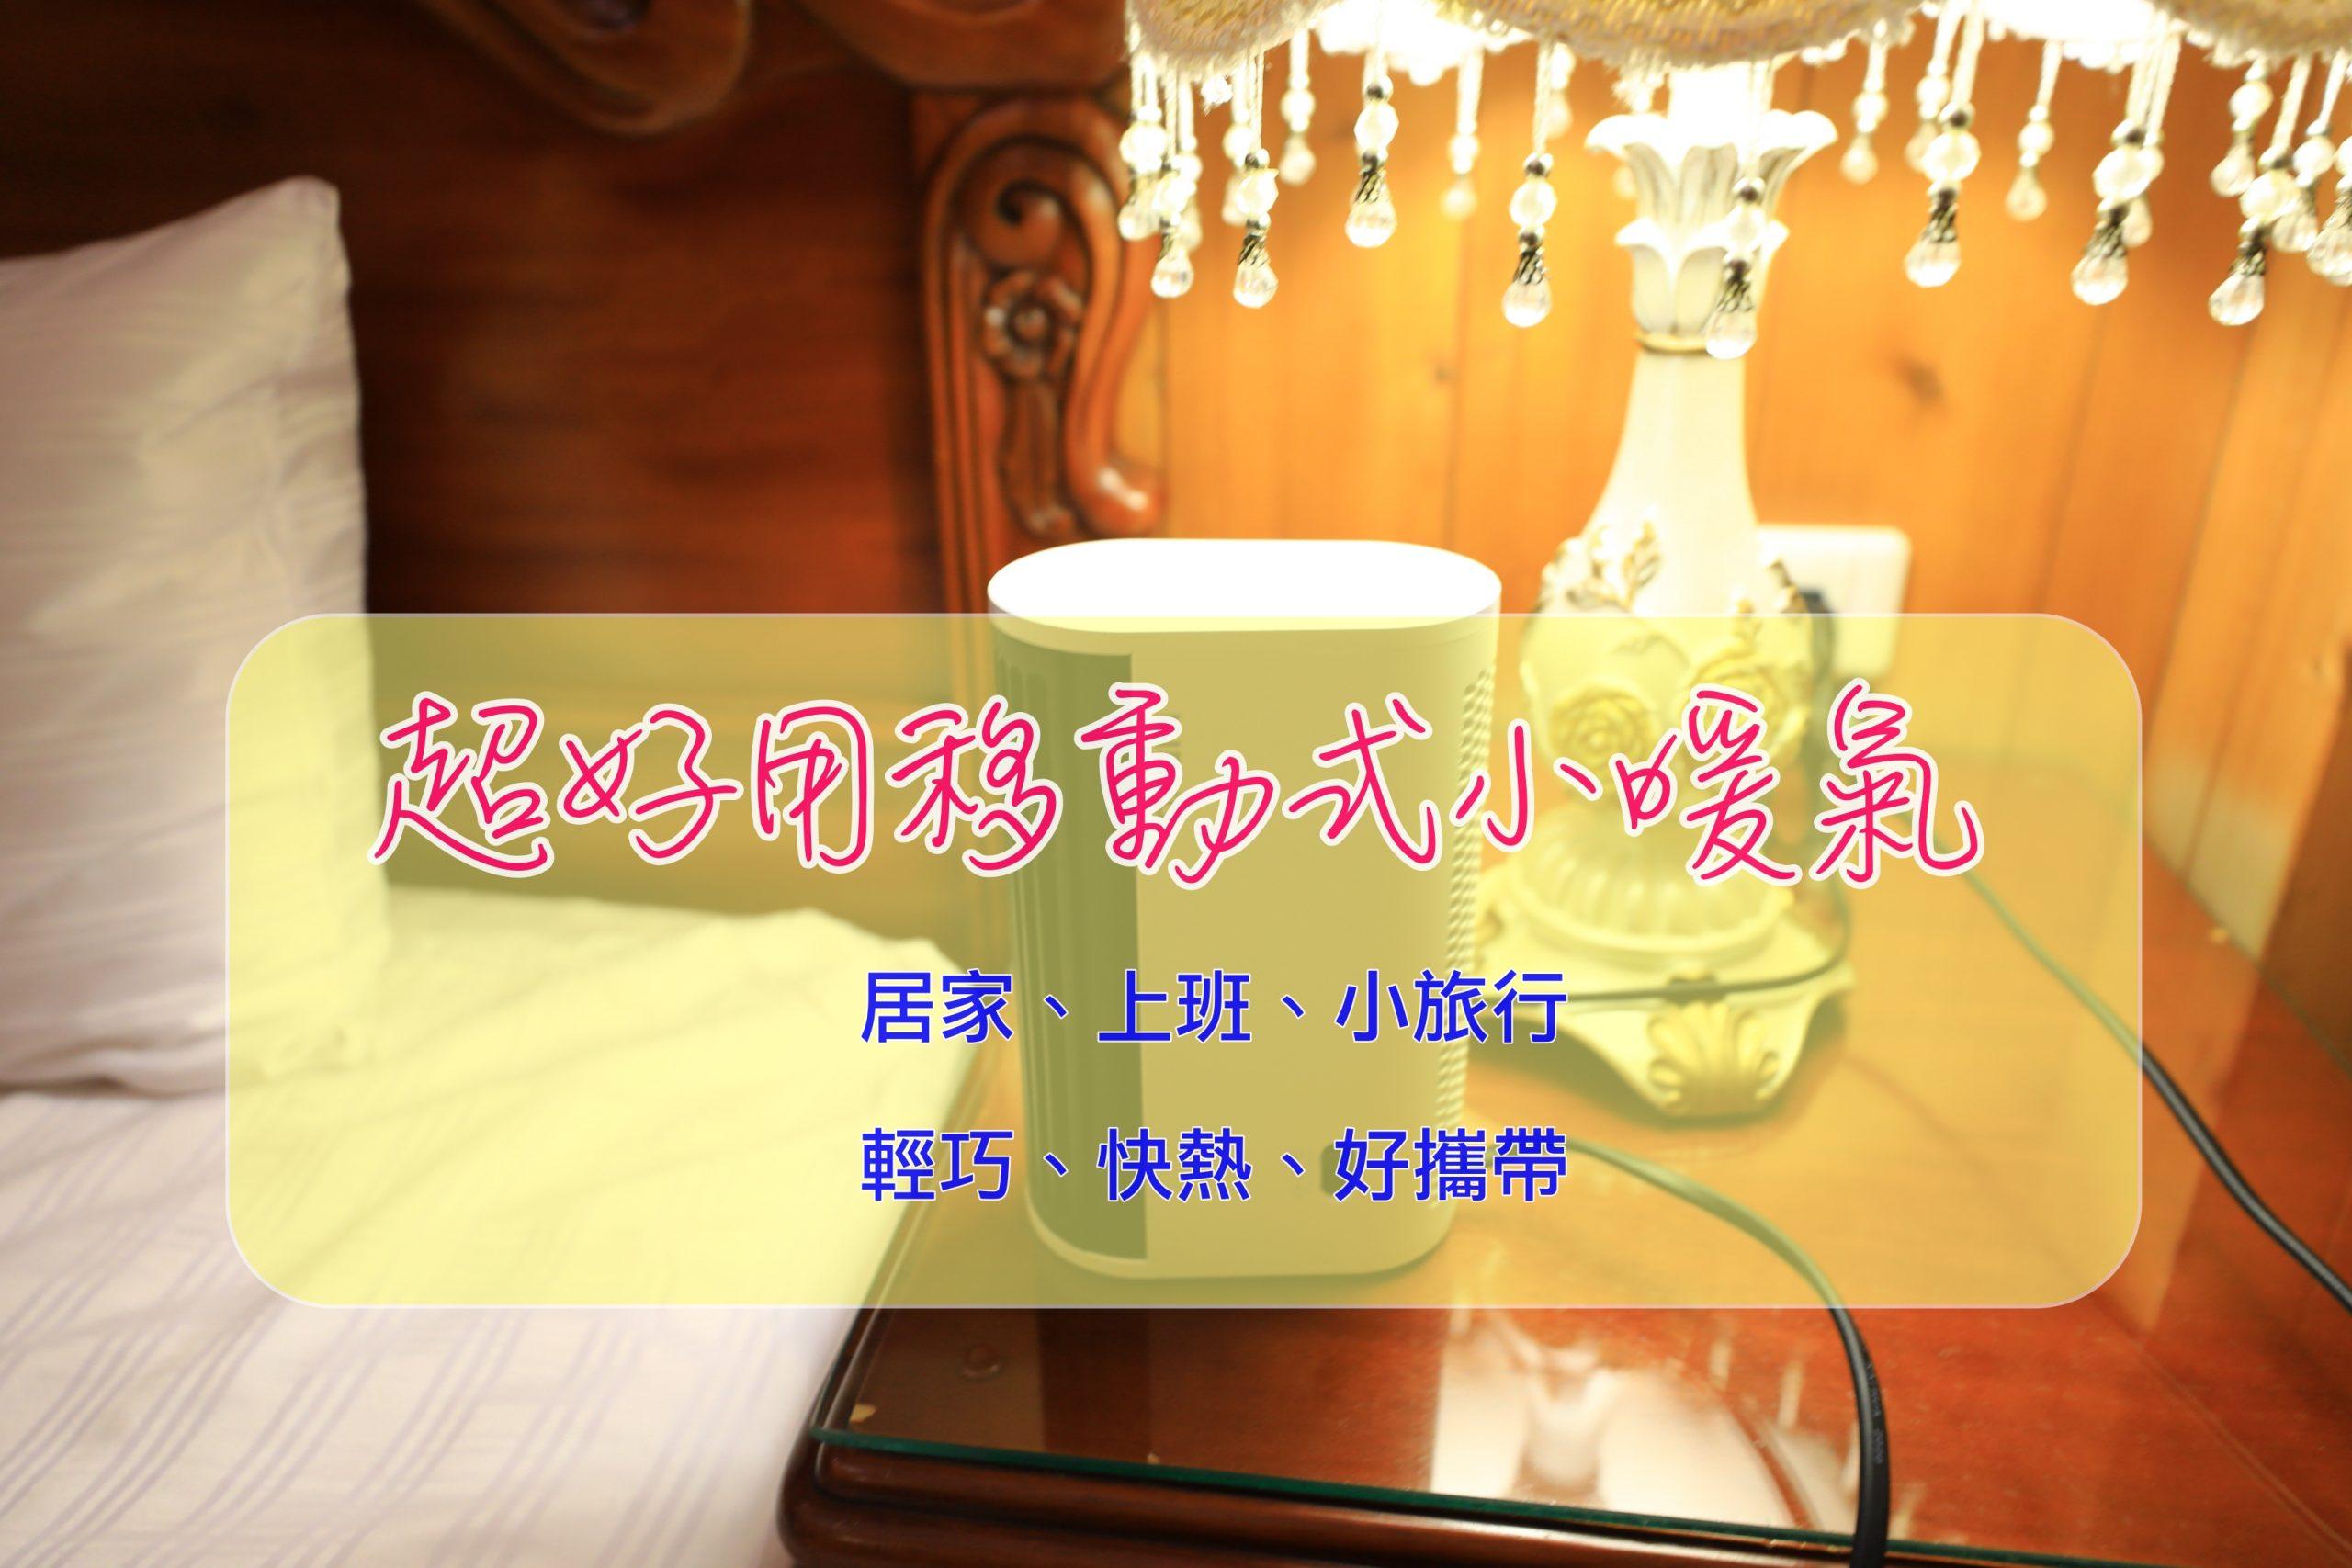 網站近期文章:Kinyo移動式電暖器,出遊居家辦公全都好用!輕巧、快熱、好用~